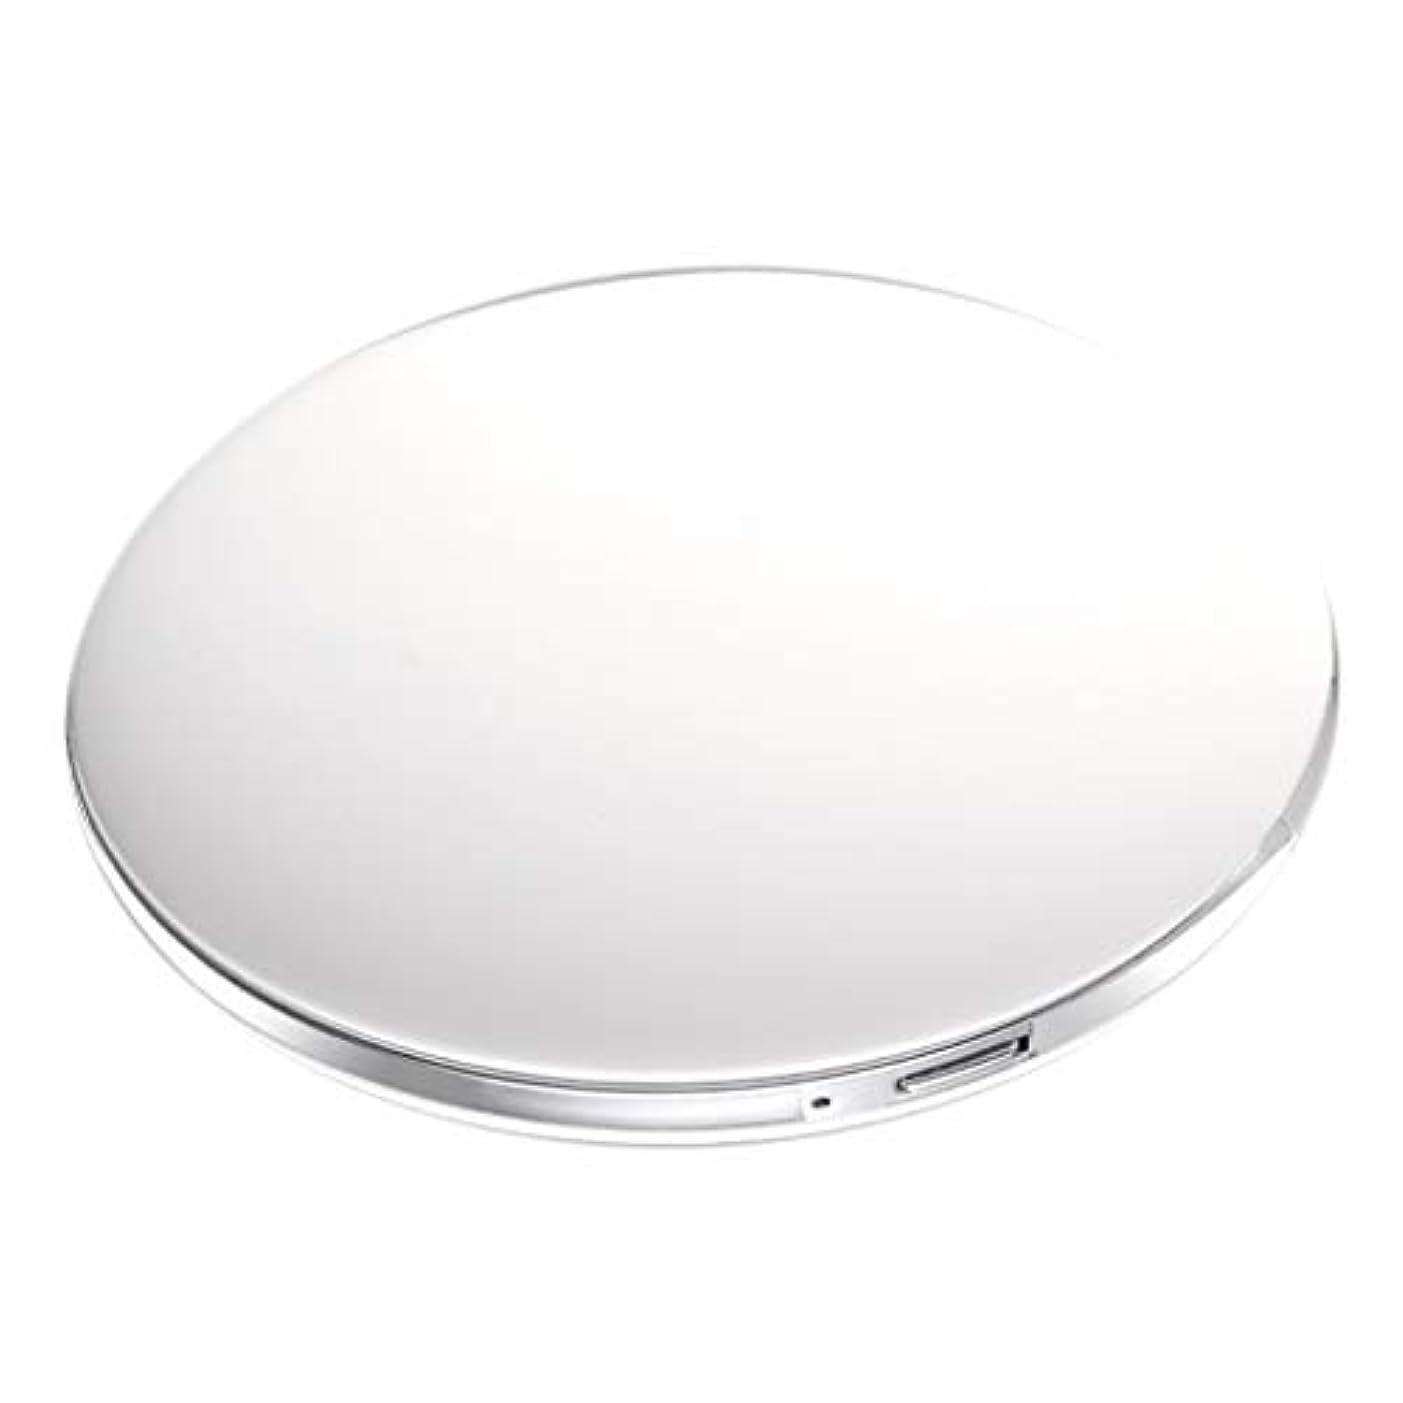 リングレットハード封筒両面コンパクトミラー 拡大鏡付き手鏡 LEDミラー 女優ミラー 3倍拡大 折りたたみ式 充電 全5色 - 白